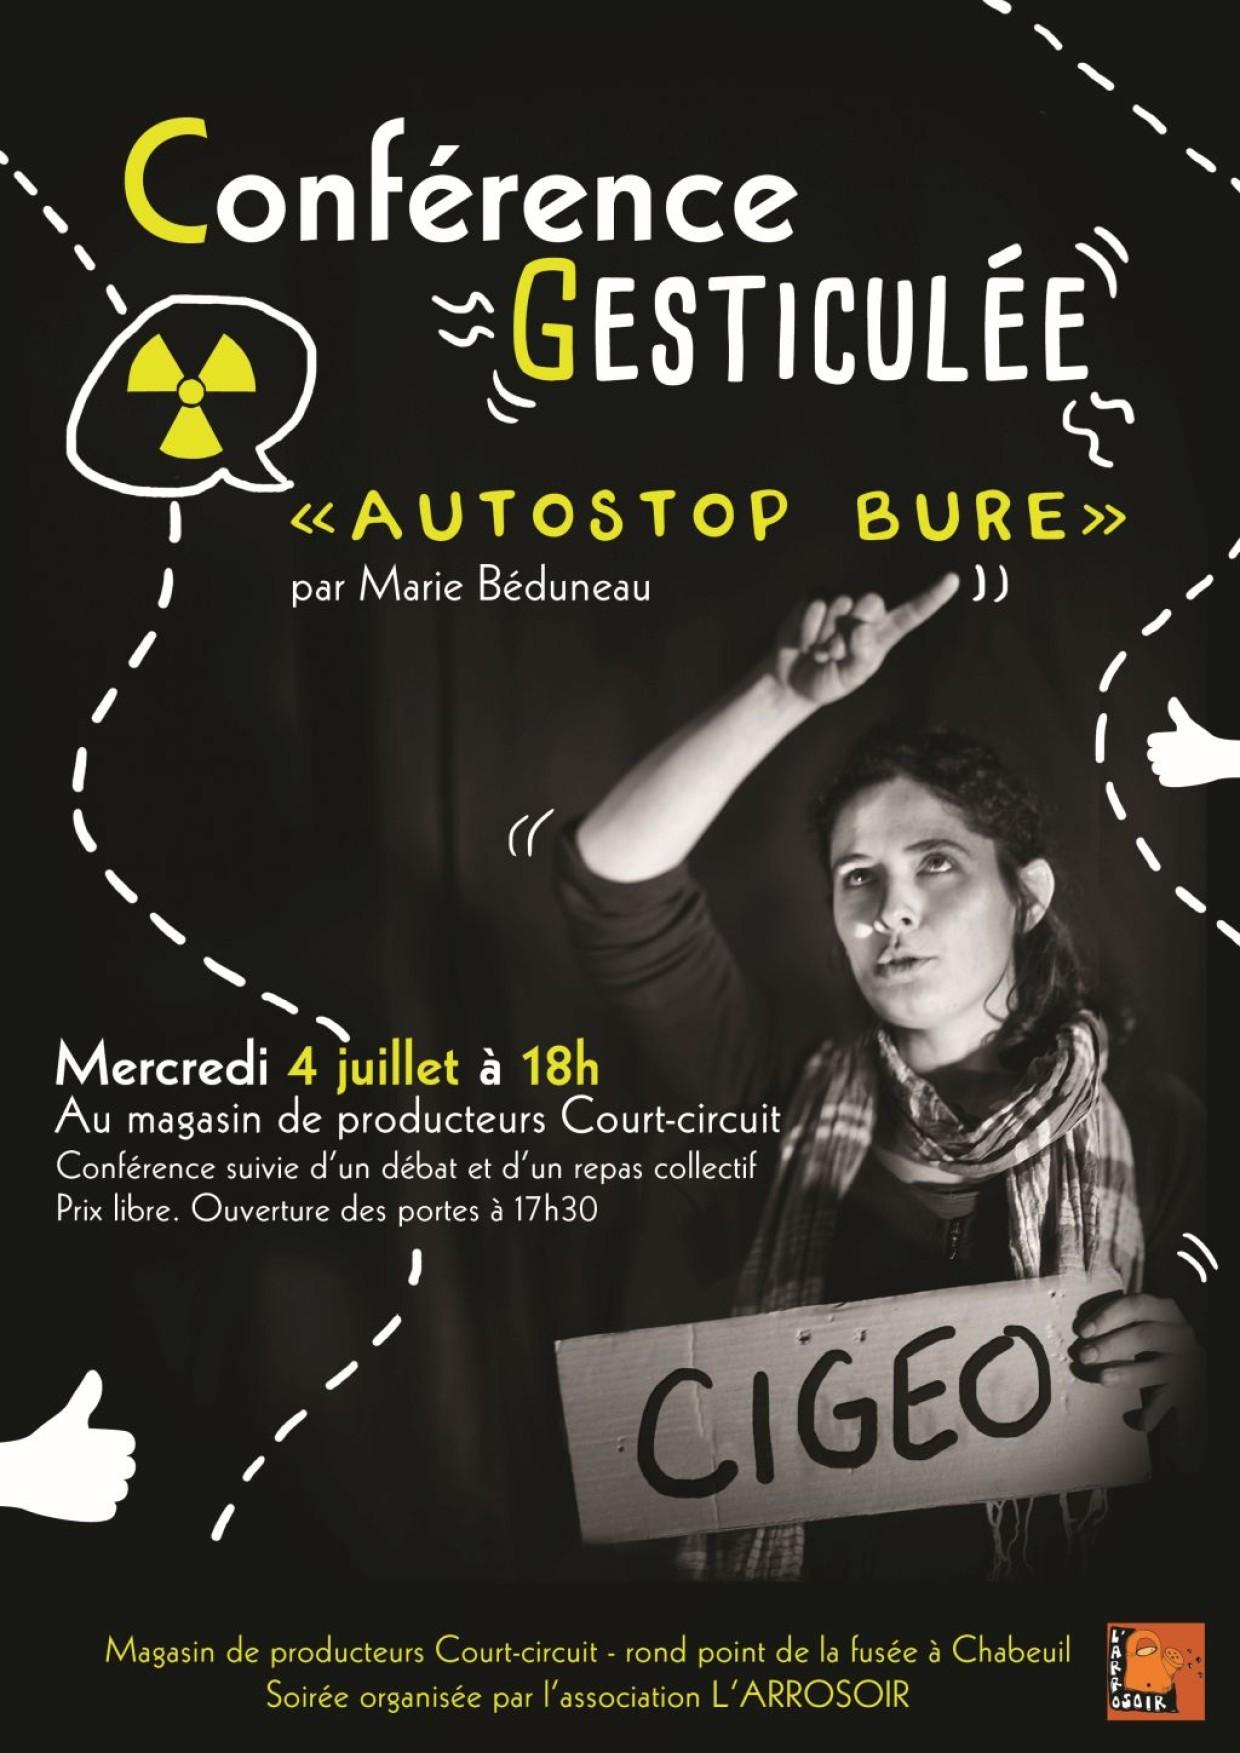 CONFÉRENCE GESTICULÉE «AUTOSTOP BURE»